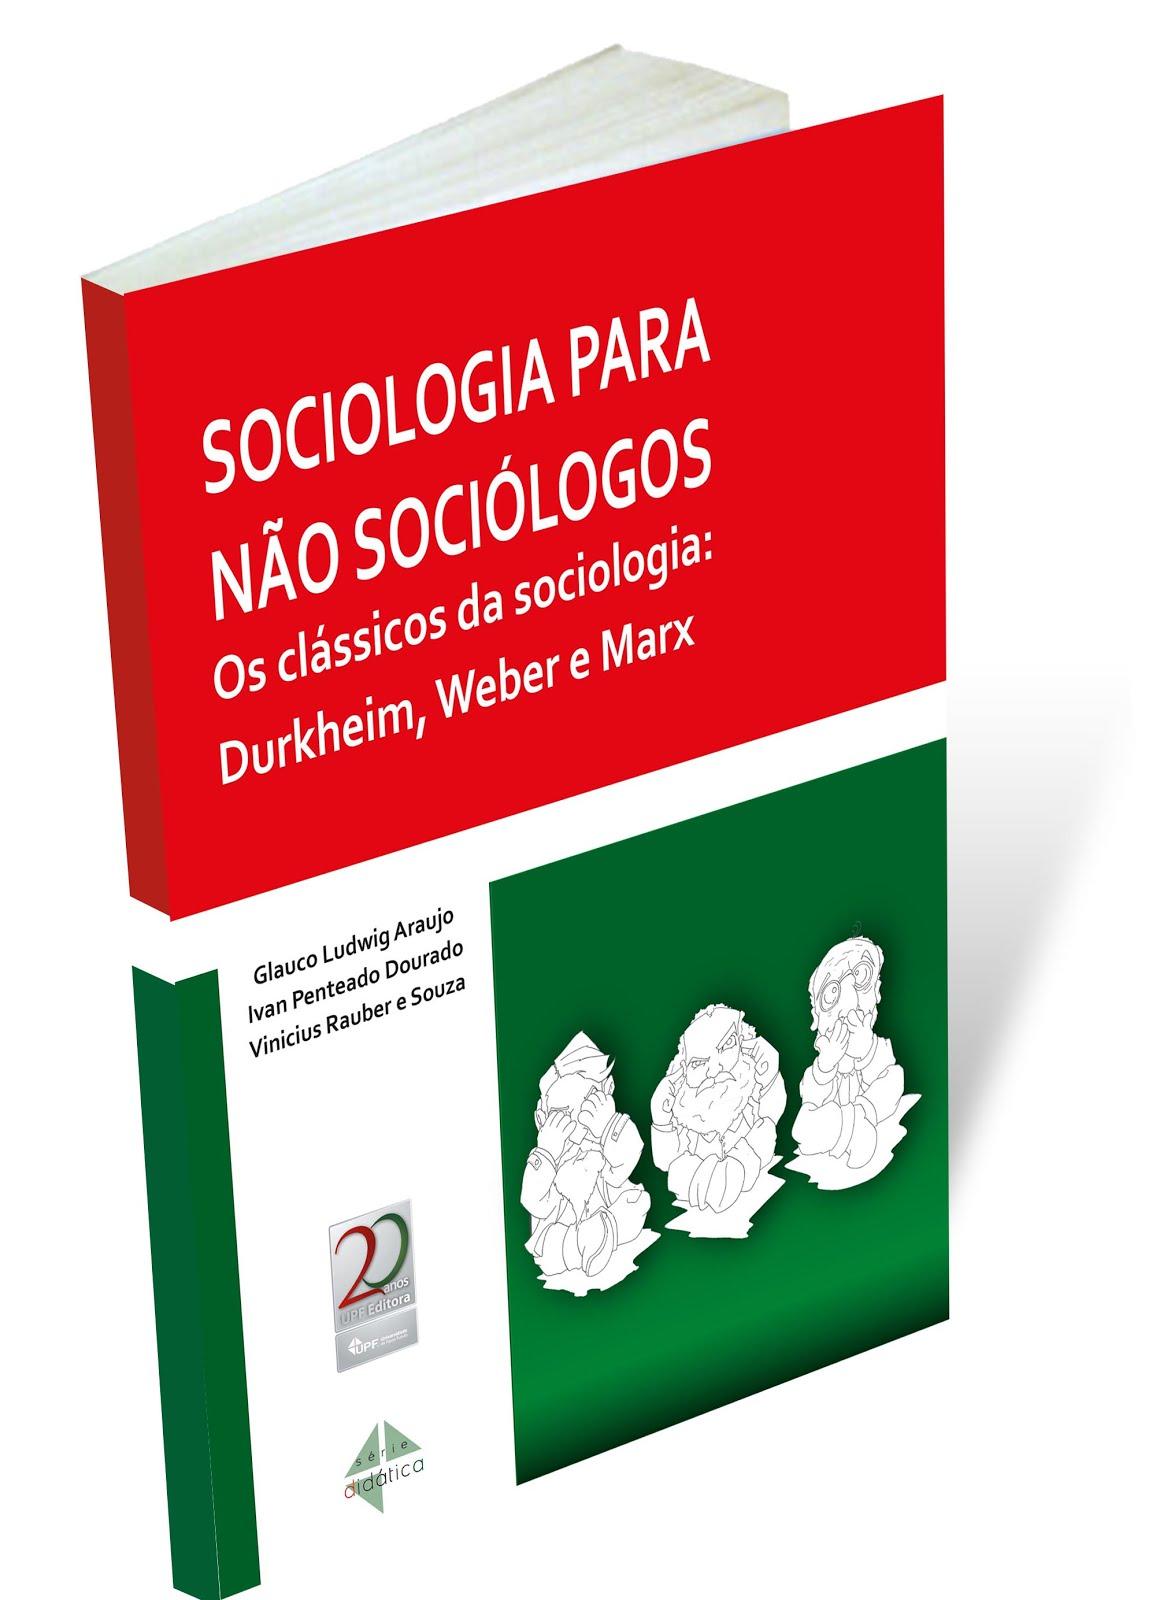 SOCIOLOGIA PARA NÃO SOCIÓLOGOS